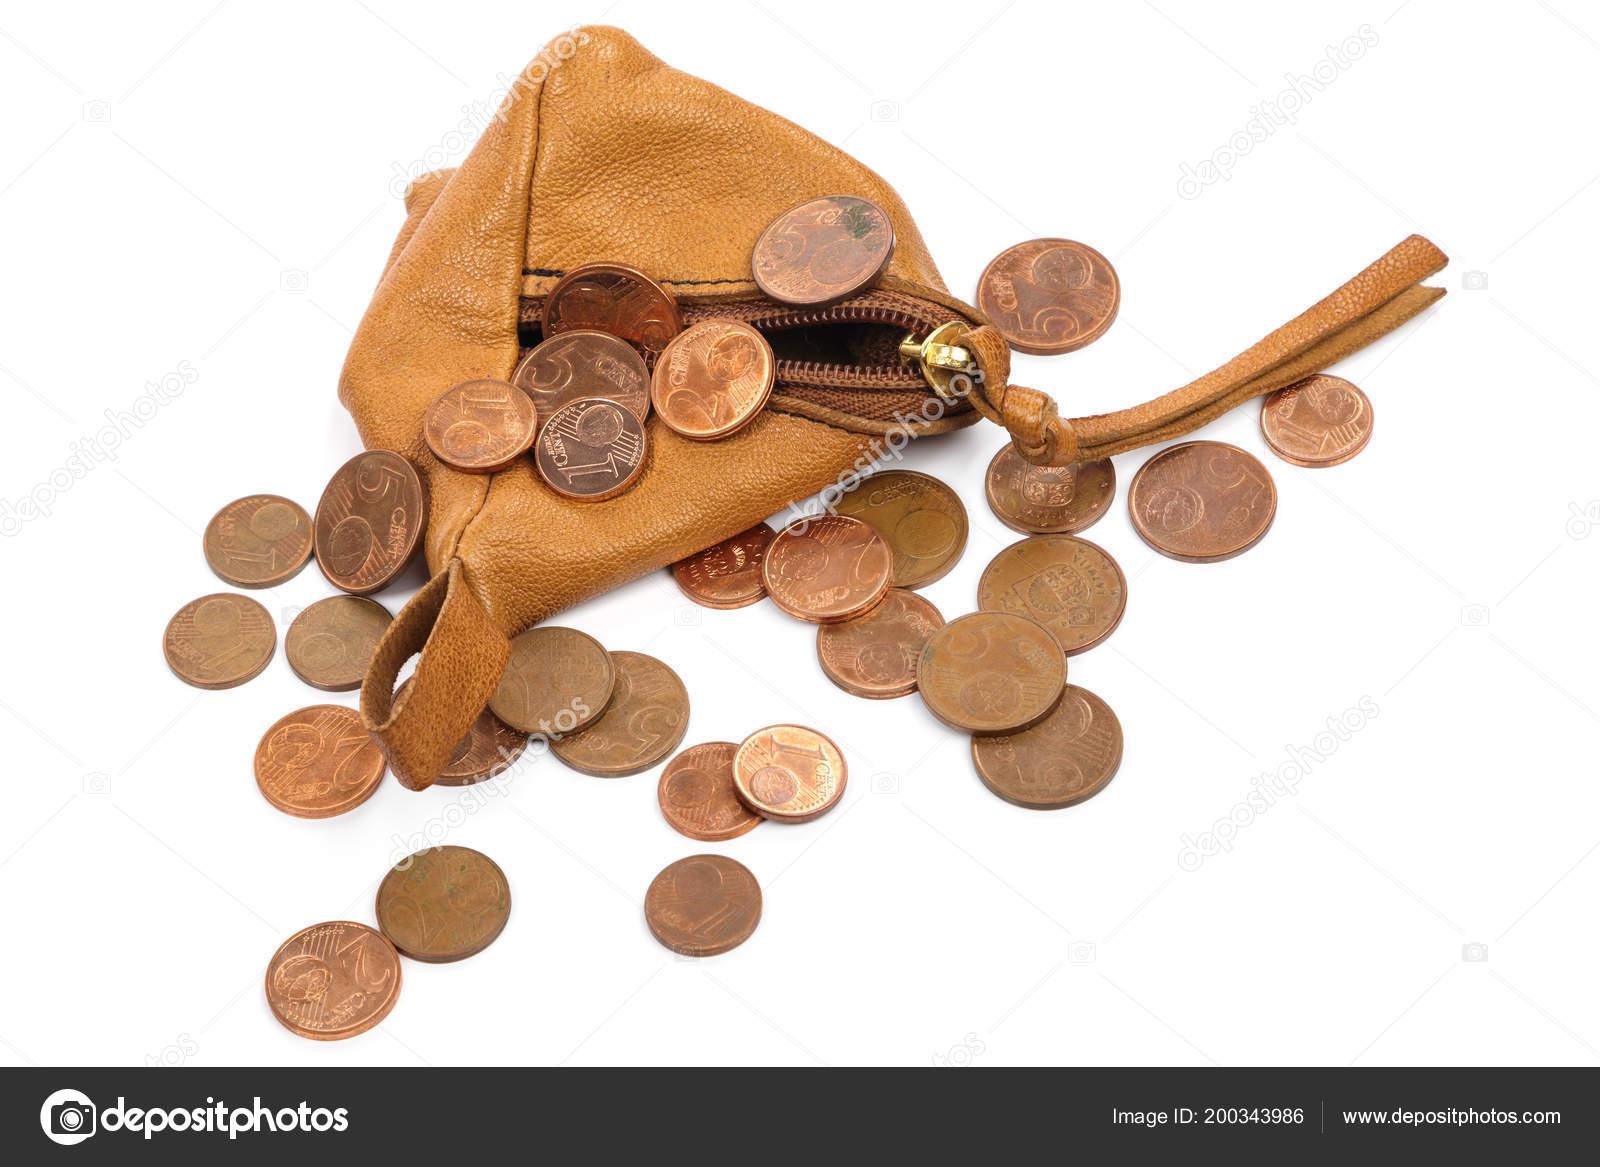 Маленький Кожаный Бумажник Евроцент Монеты Изолированные Белом Фоне